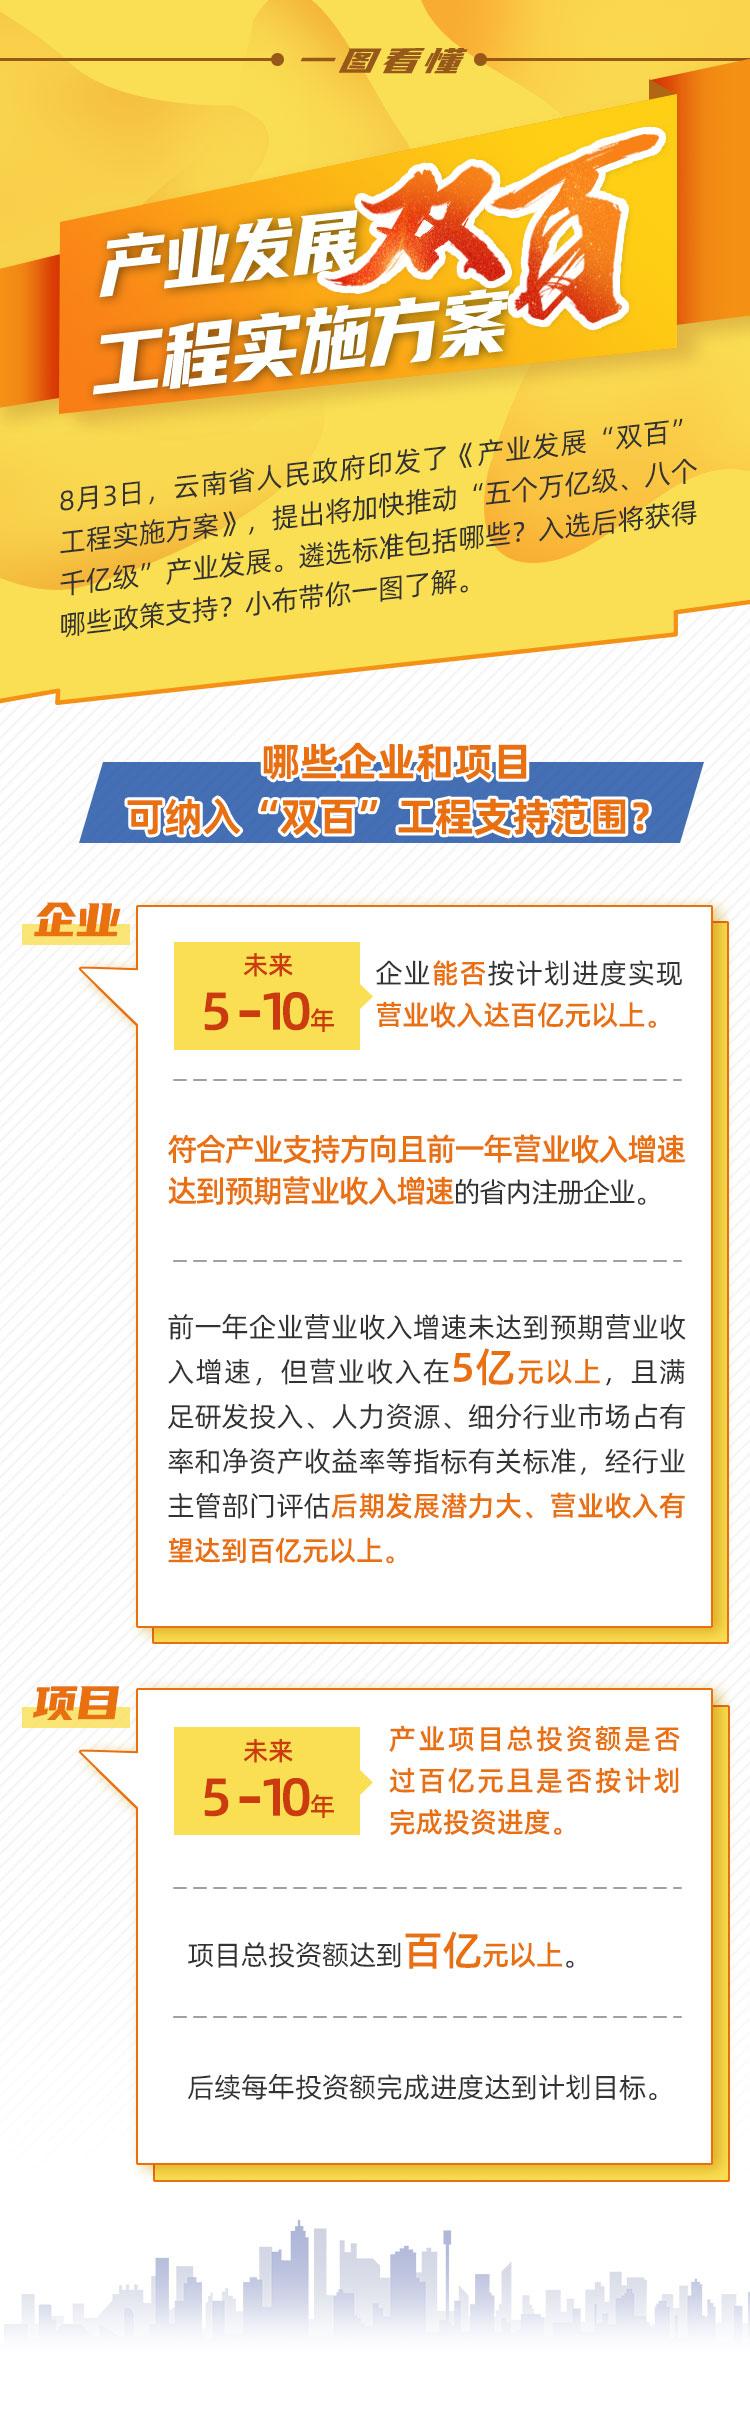 【赢咖3娱乐登录】一图看懂赢咖3娱乐登录@全省企业图片